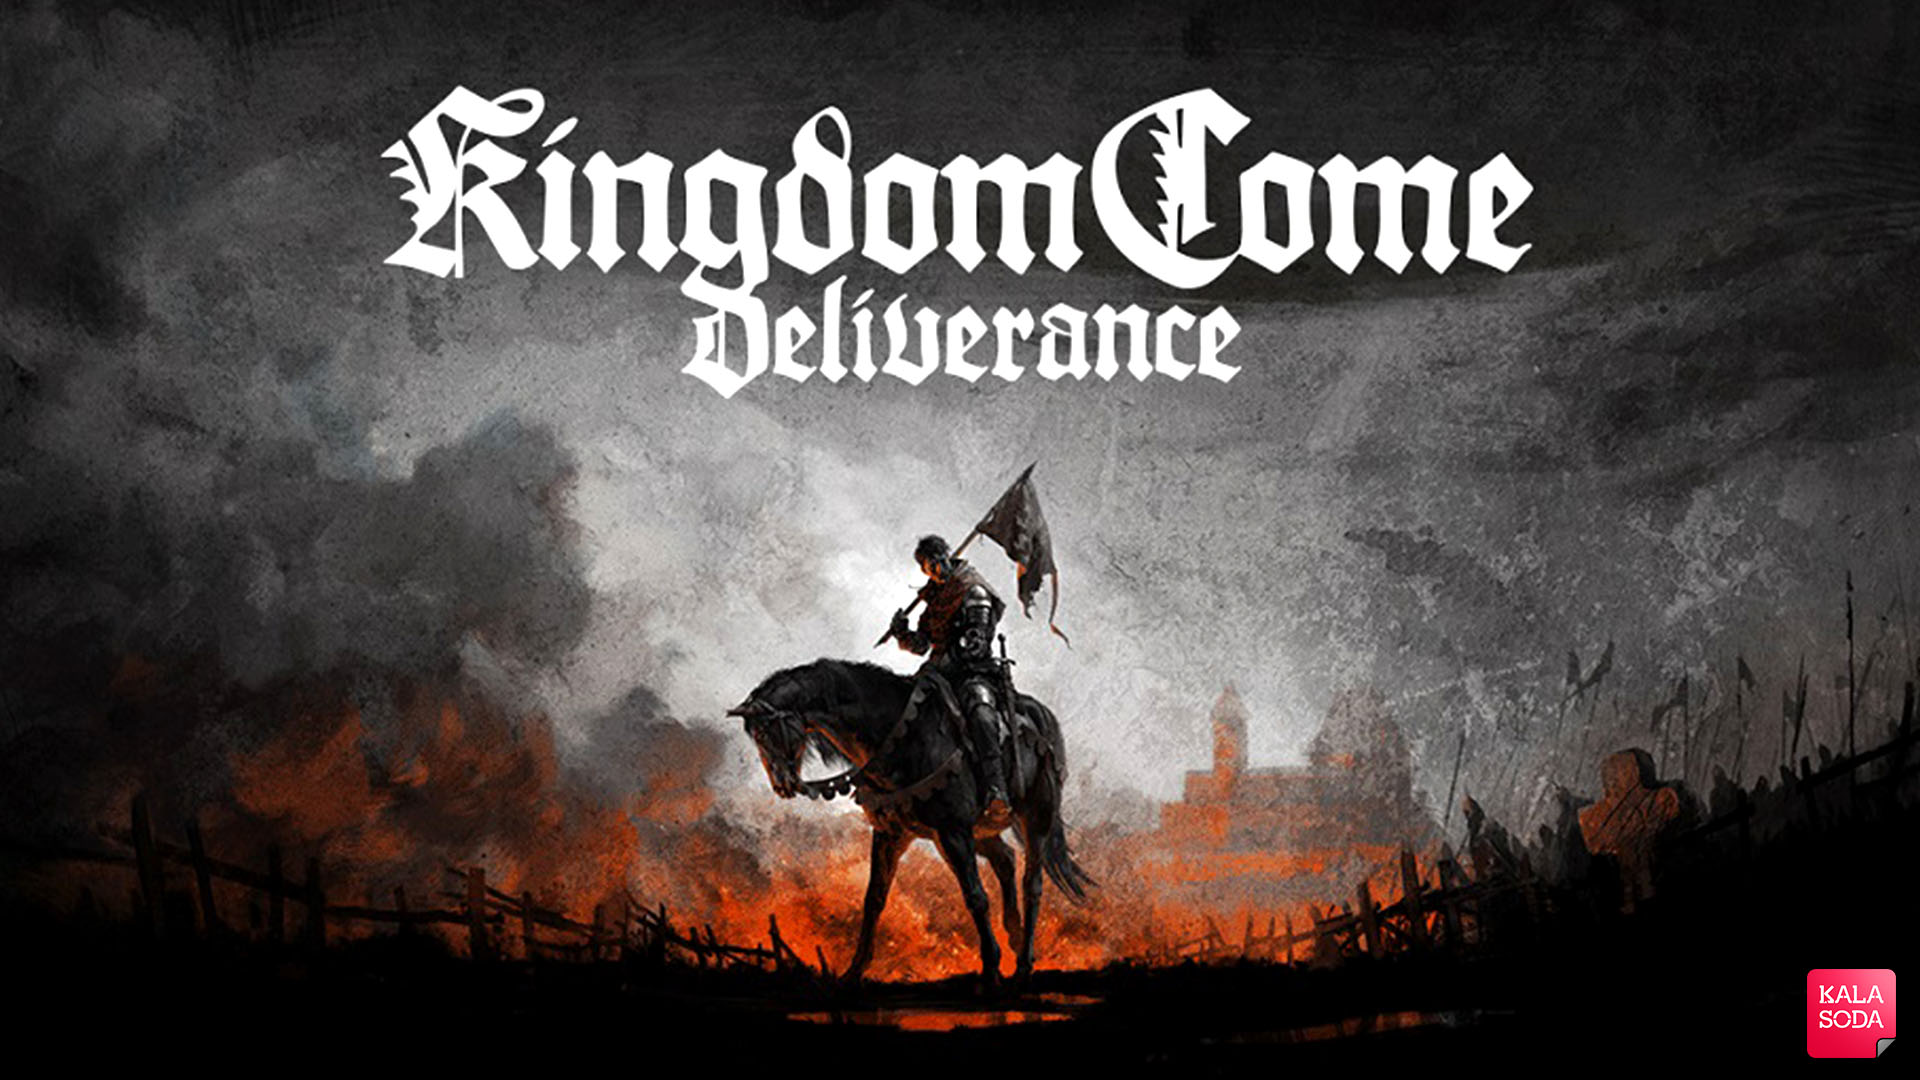 تریلر بازی Kingdom Come: Deliverance ؛ قدرتنمایی یک بازی اکشن